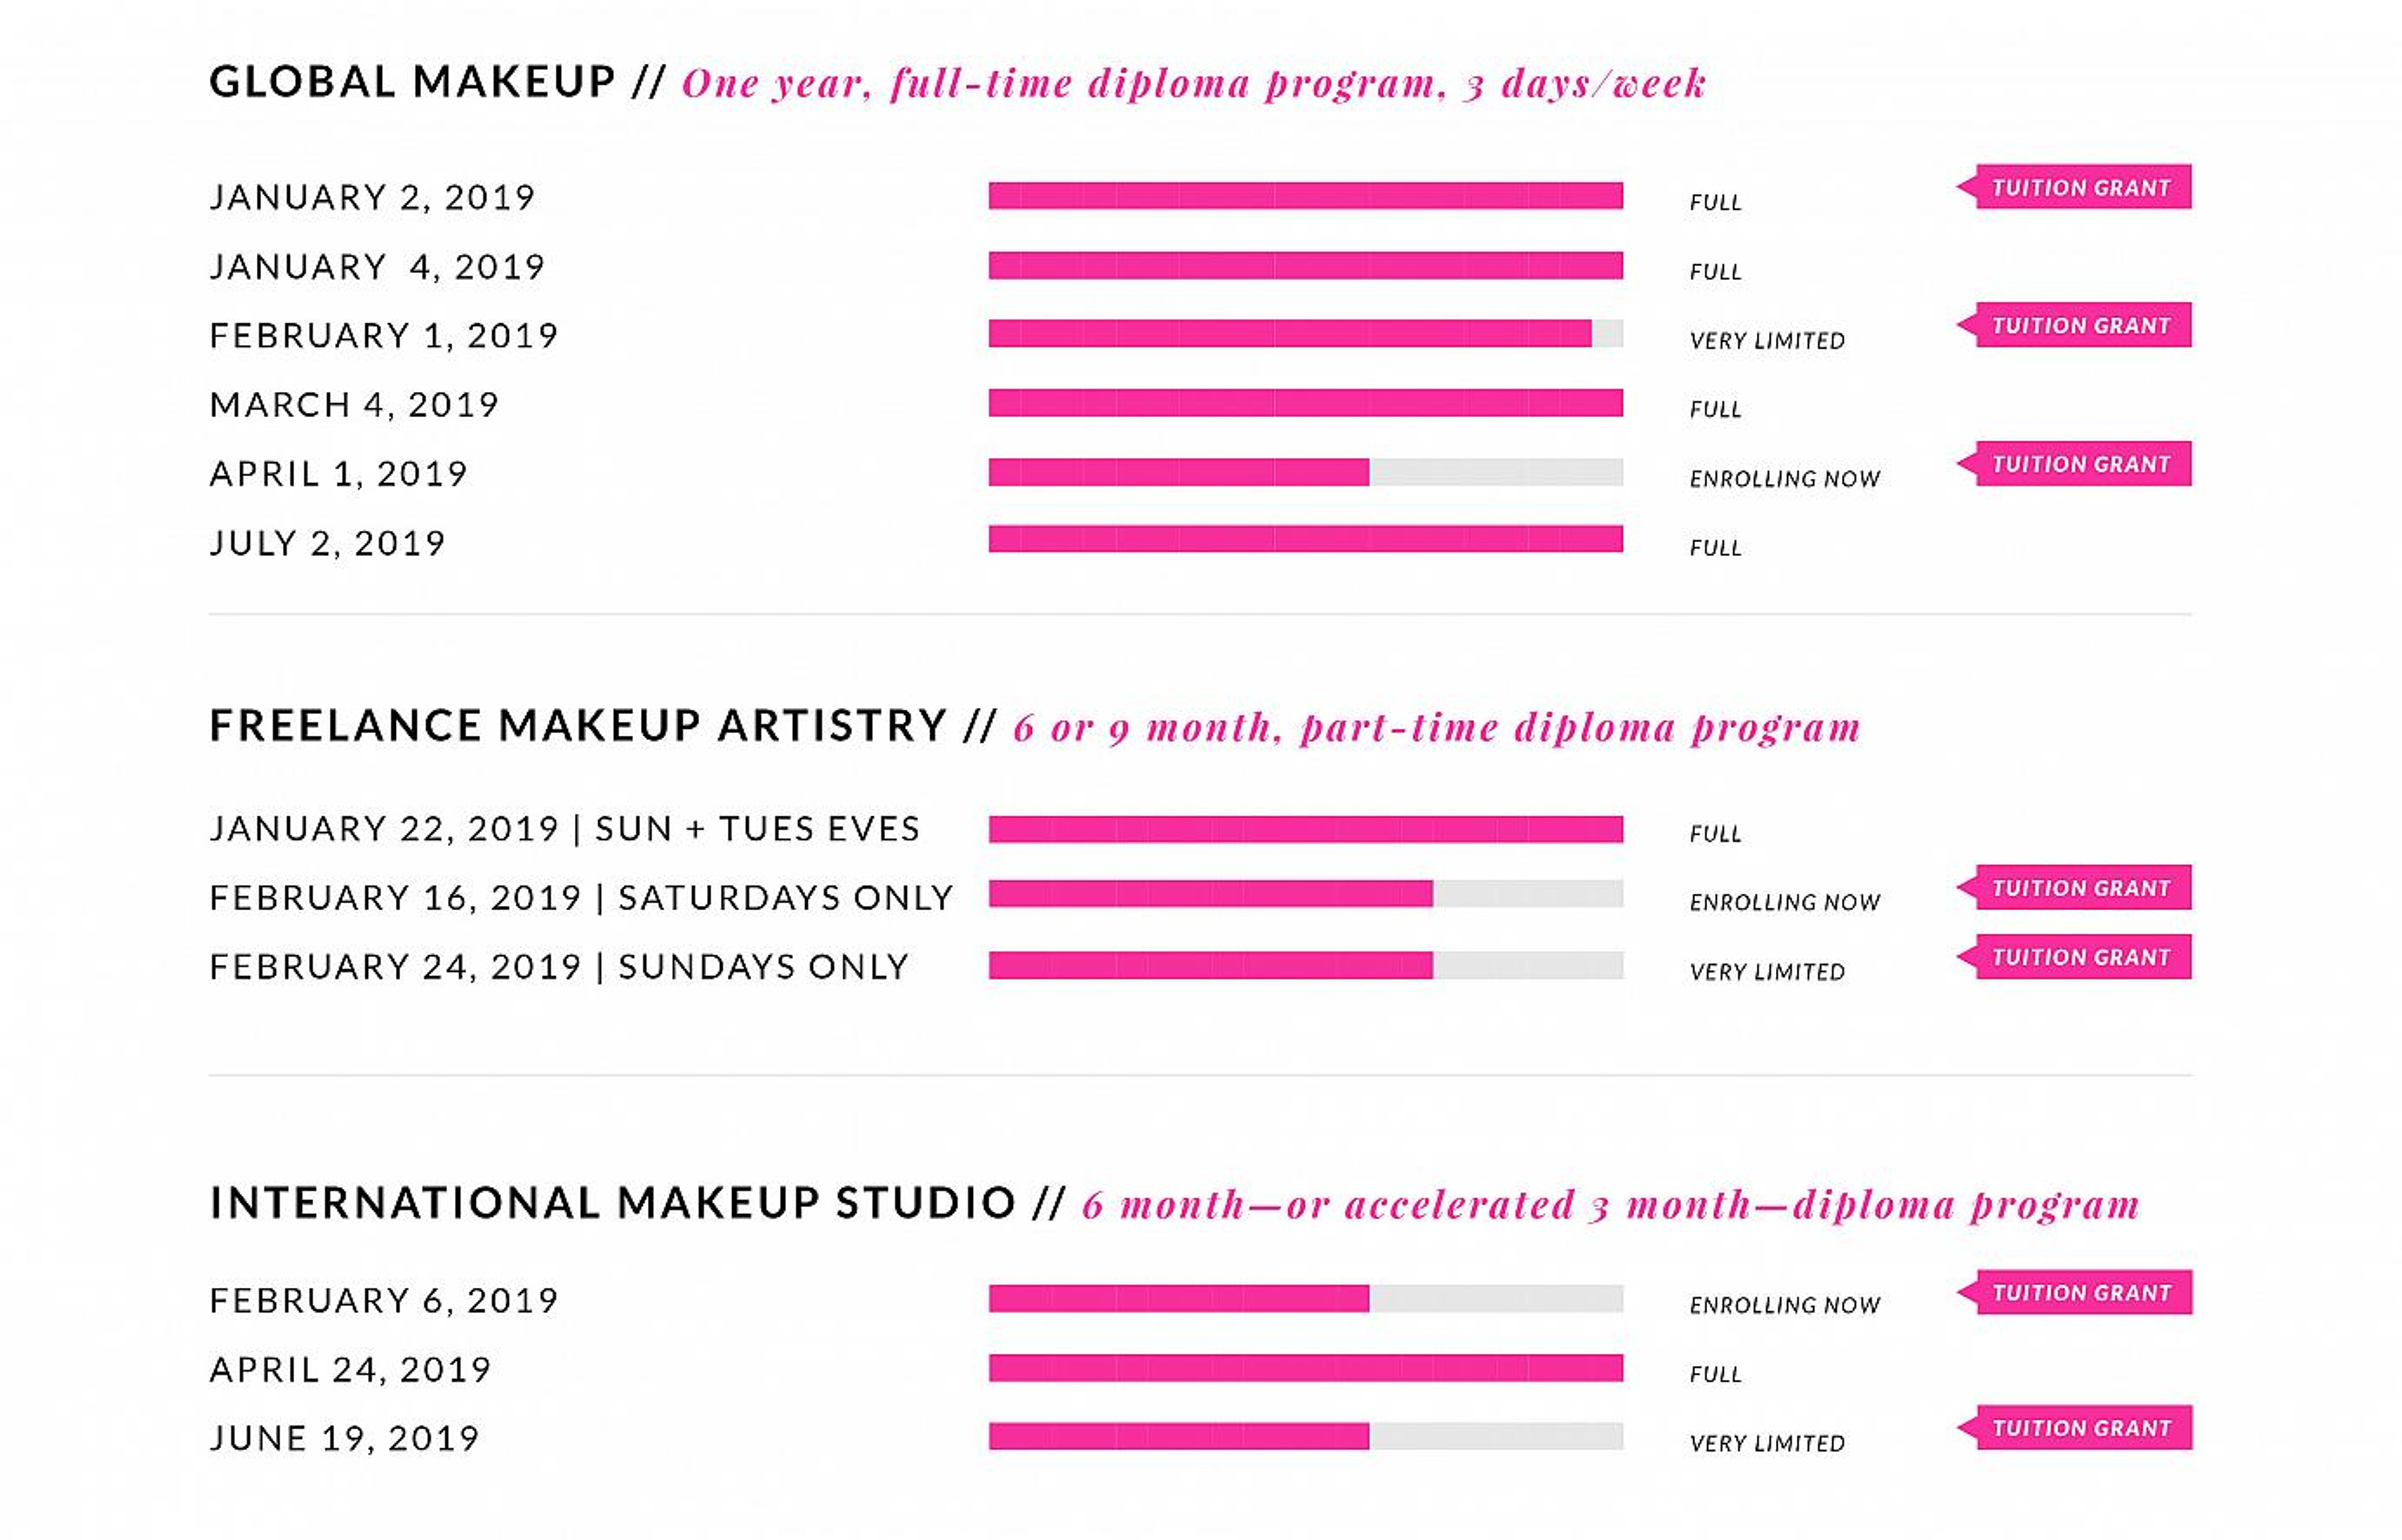 makeup program enrollment levels Blanche Macdonald 2019